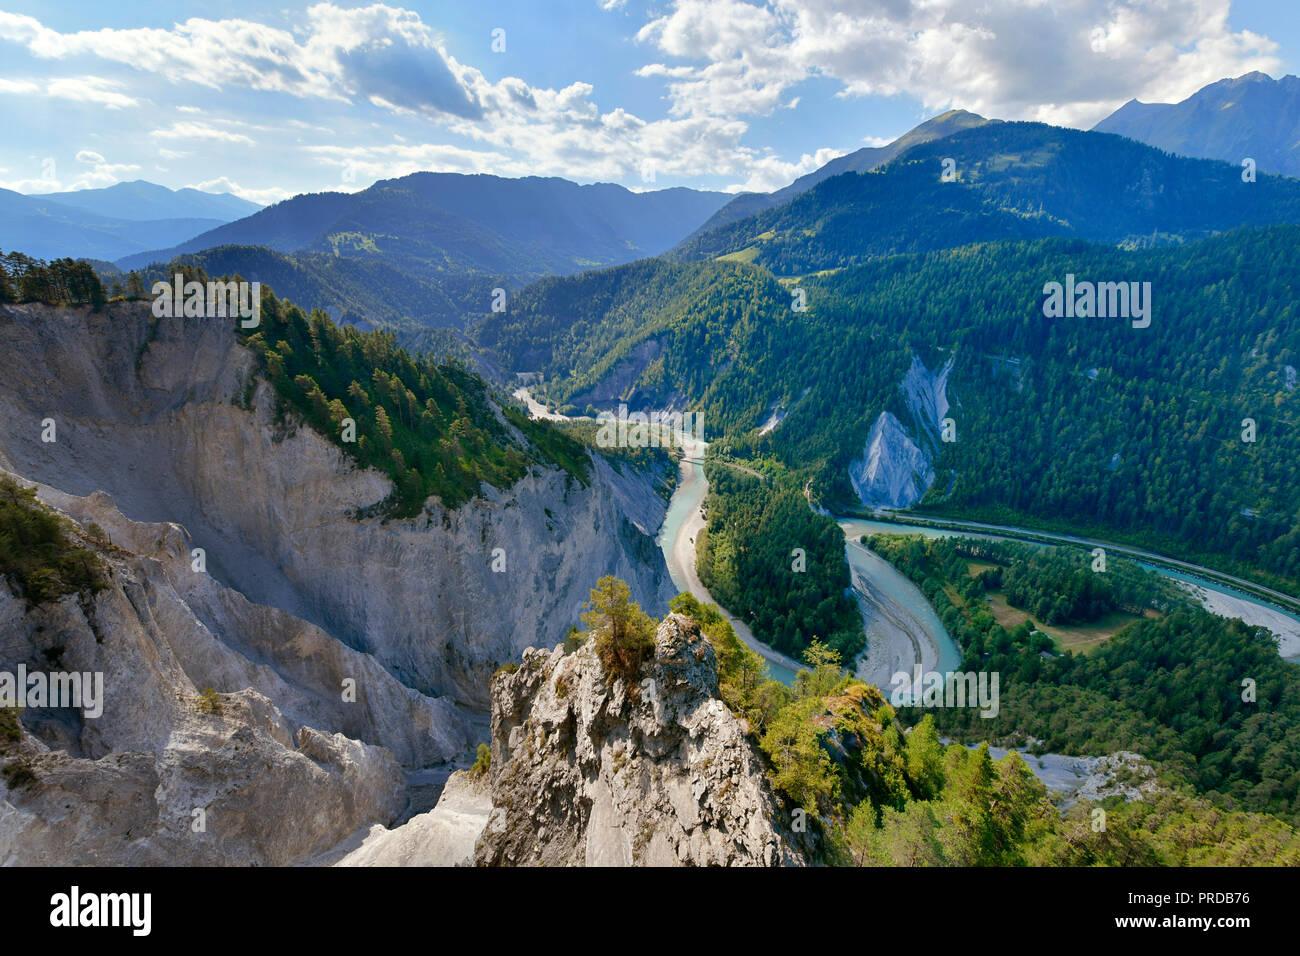 Vista desde la plataforma de visualización il a los acantilados de piedra caliza en un bucle del río Ruinaulta Vorderrhein, o Garganta del Rin, Flims Imagen De Stock